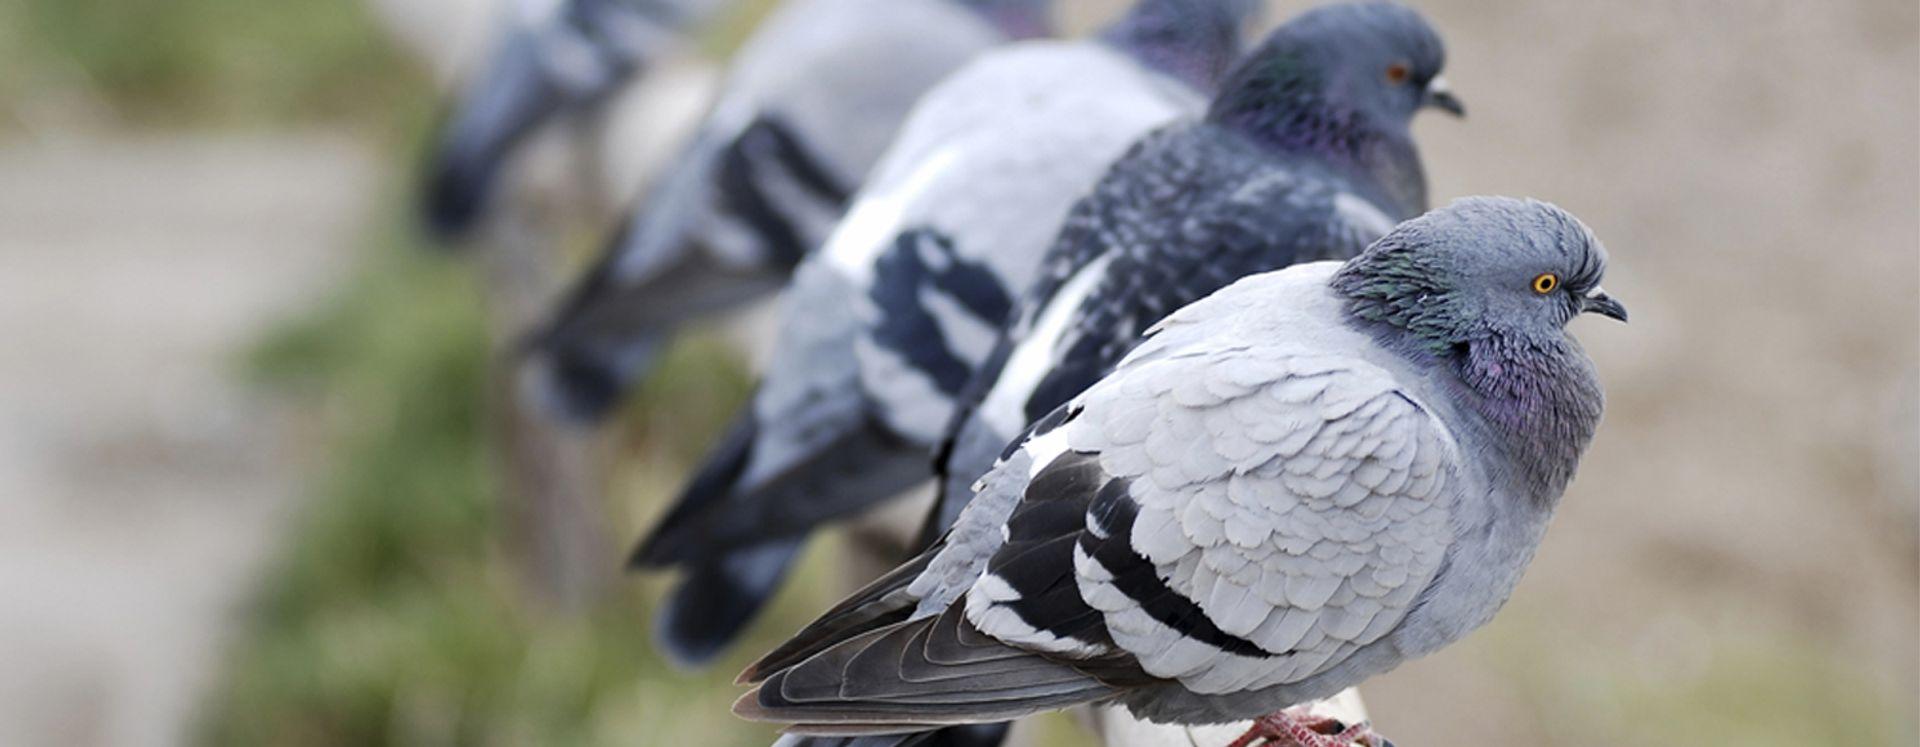 Bekæmpelse af duer - det klarer Anticimex